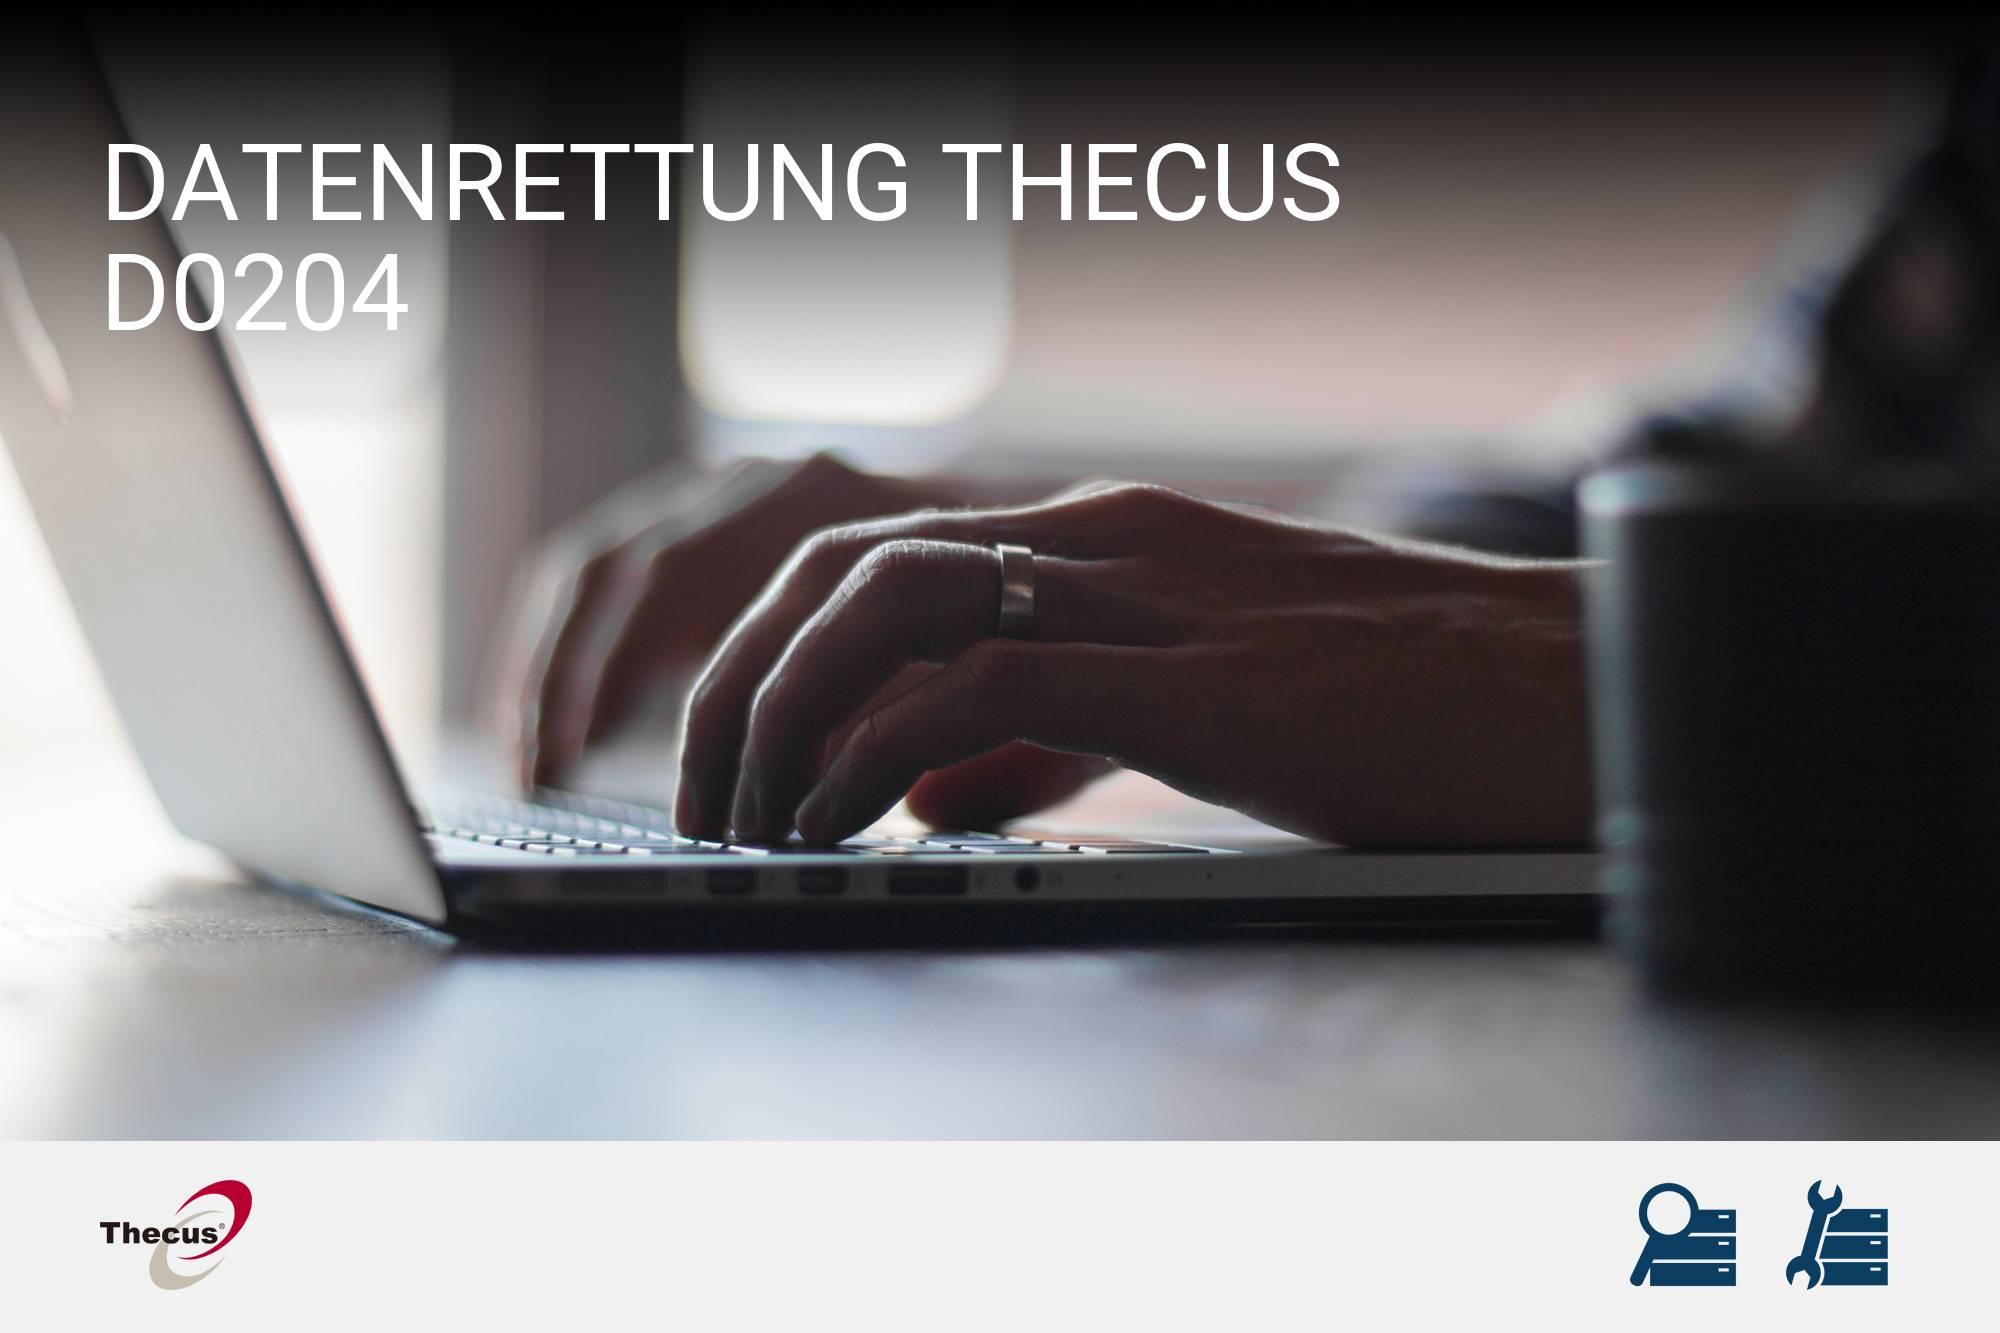 Thecus D0204